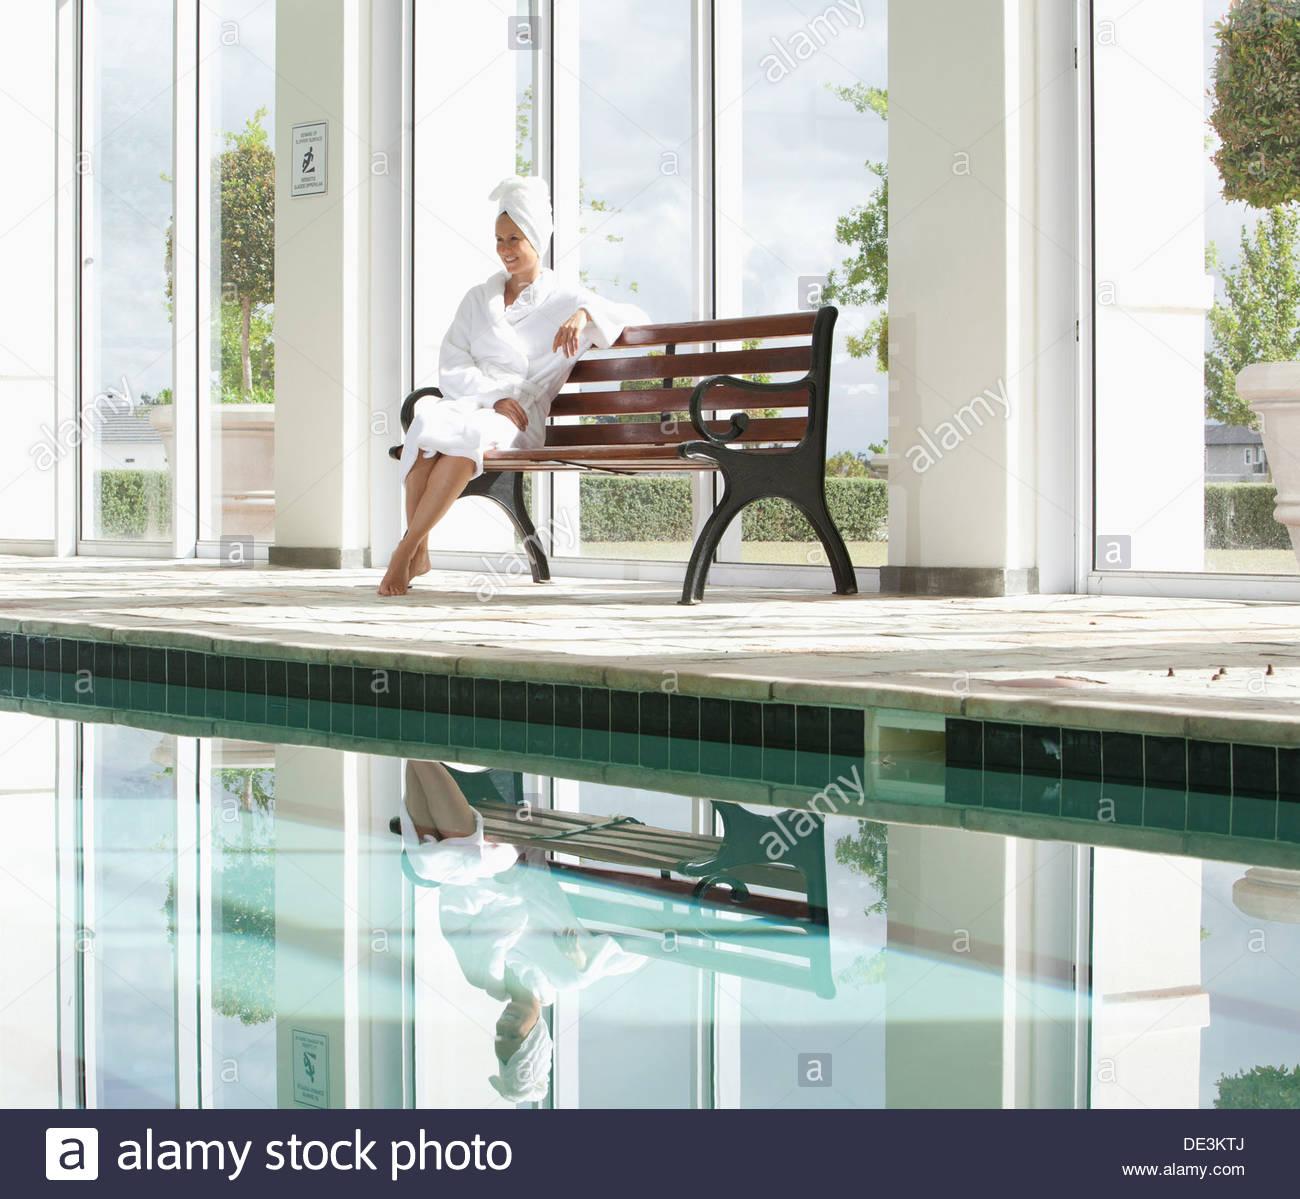 Ritratto di donna sorridente in accappatoio seduta sul banco a bordo piscina a spa Immagini Stock